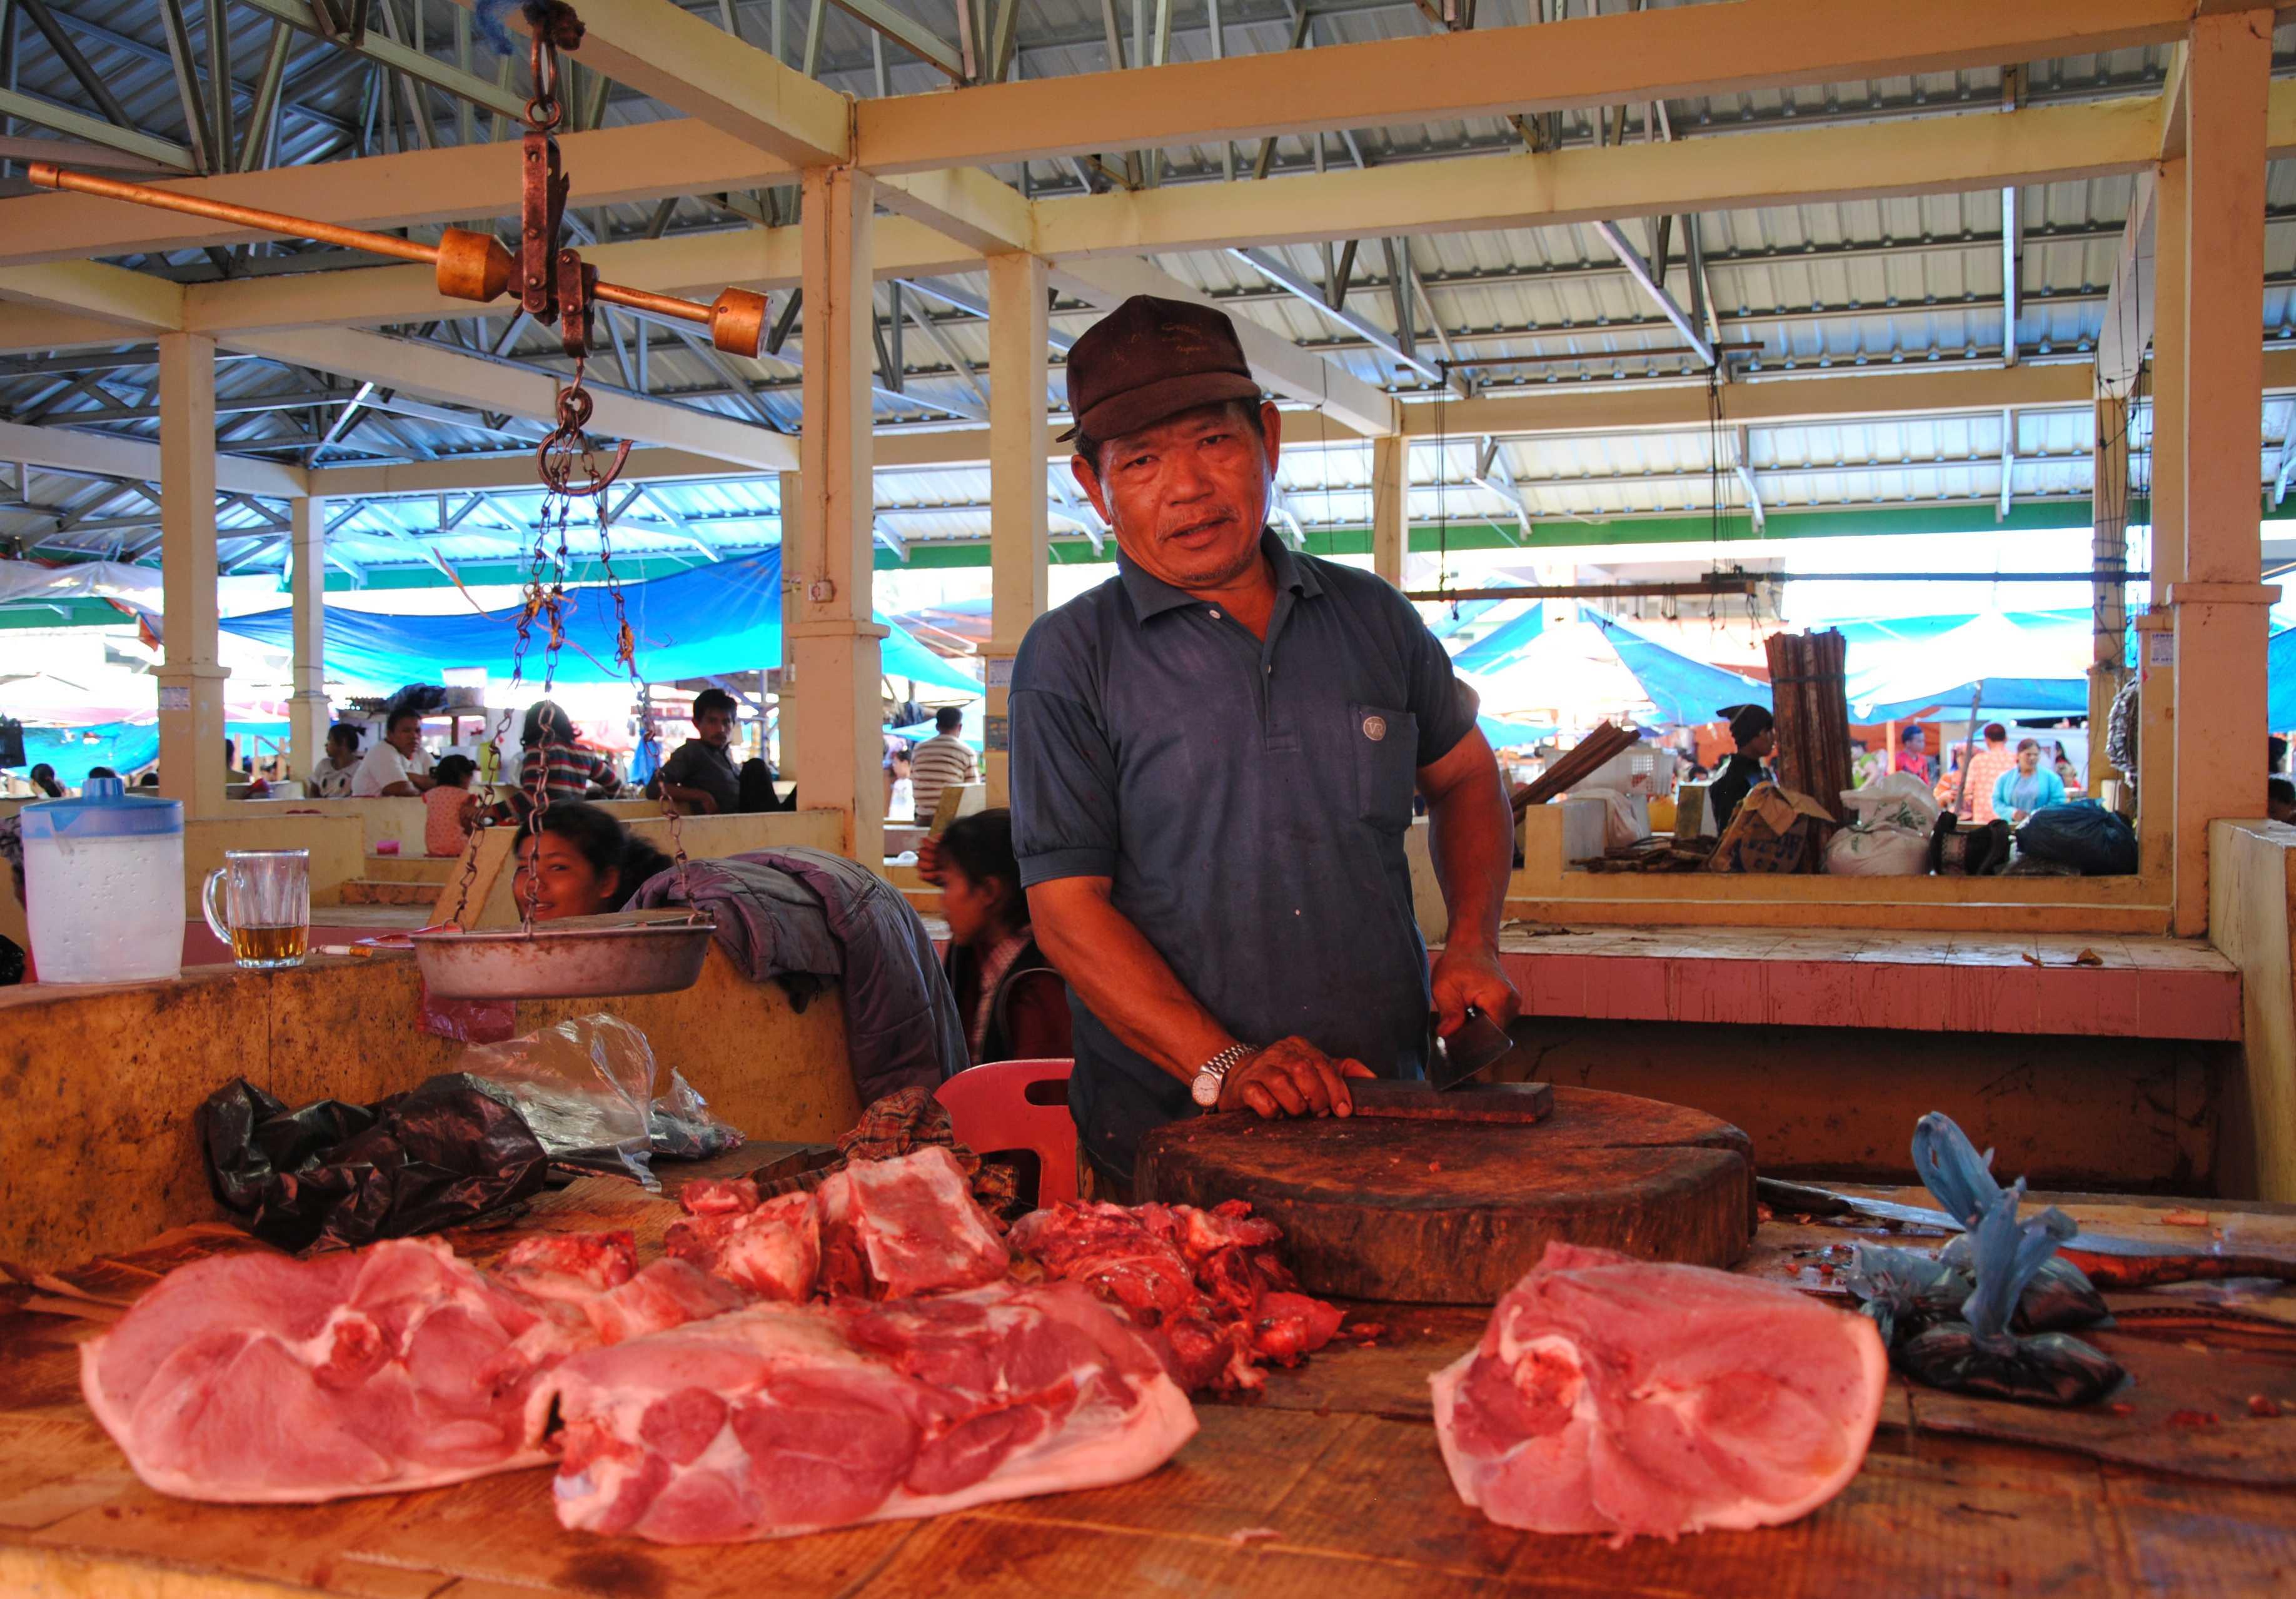 Ein Mann steht vor großen Fleischstücken